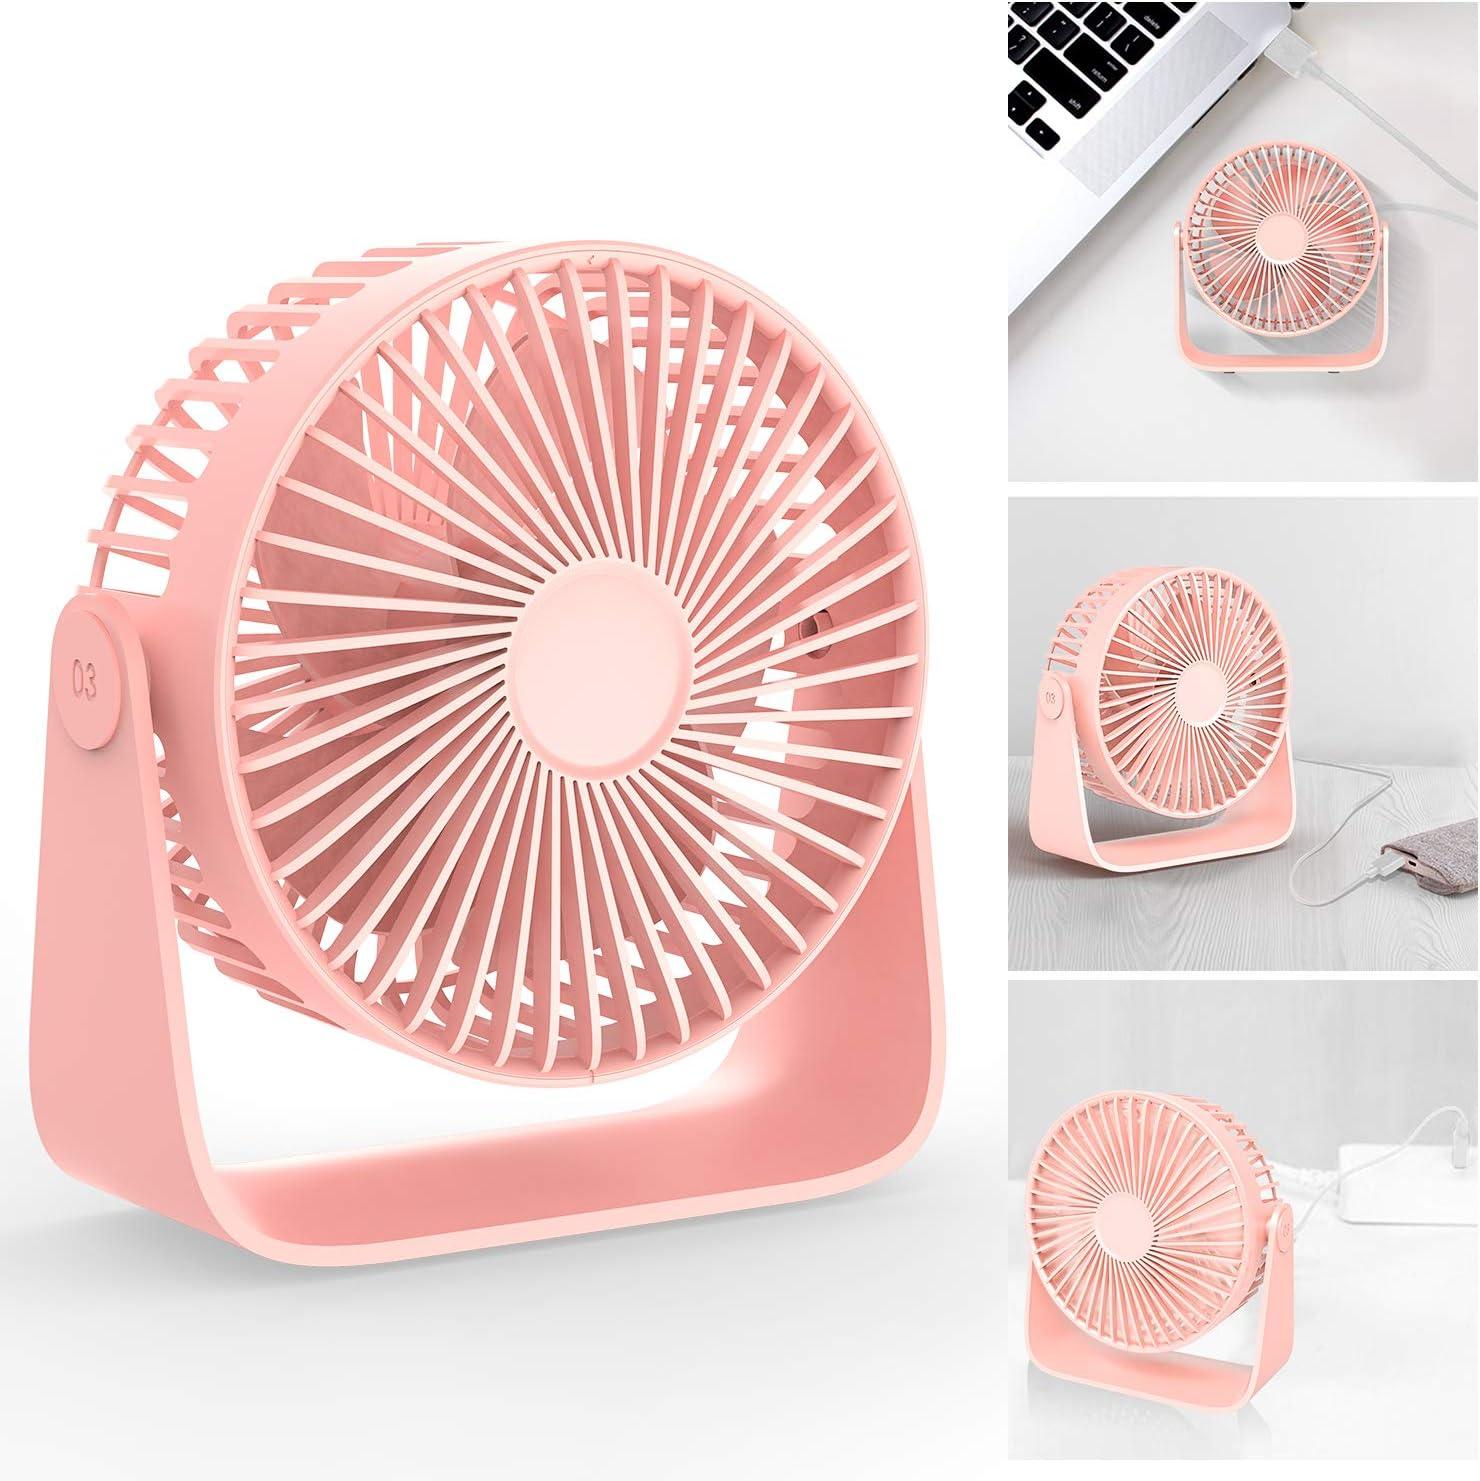 Fan f/ür B/üro Zimmer Zuhause TedGem USB Tischventilator L/üfter USB 360 Grad Einstellbarer Leiser USB Duftenden Wind Blasen USB Ventilator 3 Geschwindigkeiten Kann Aromatherapie-/Öle Setzen Rosa